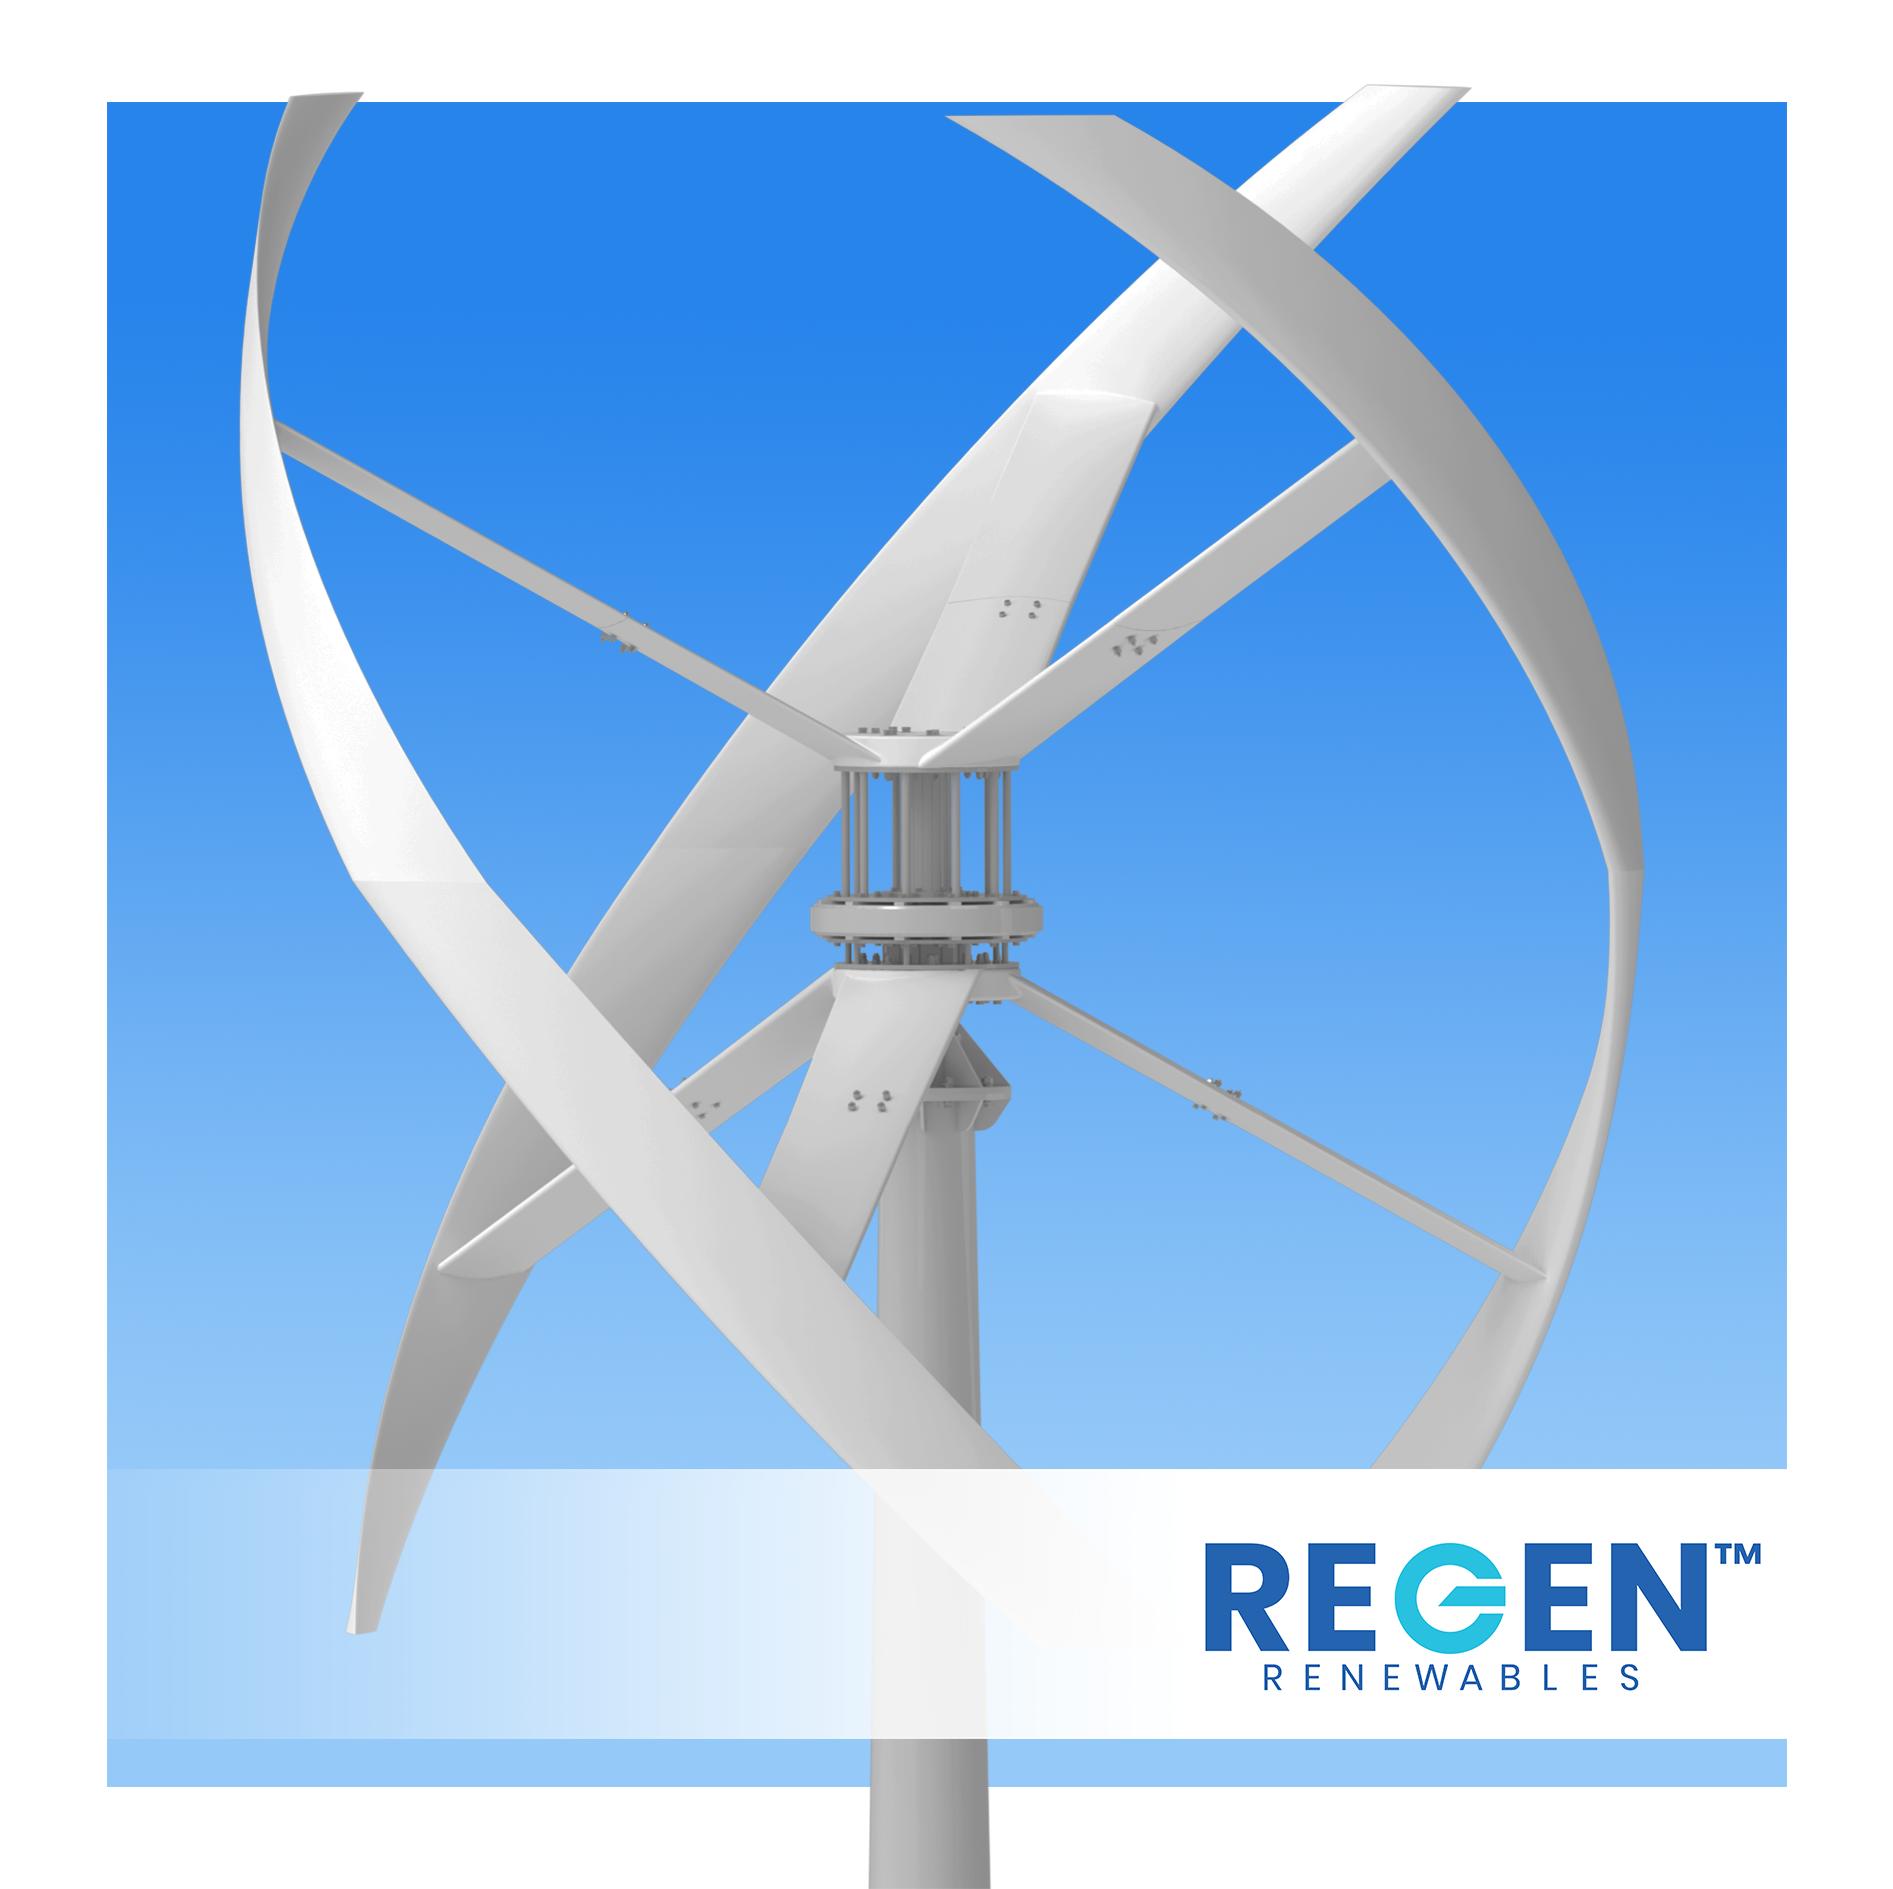 ReGen_VTGS5000W Image